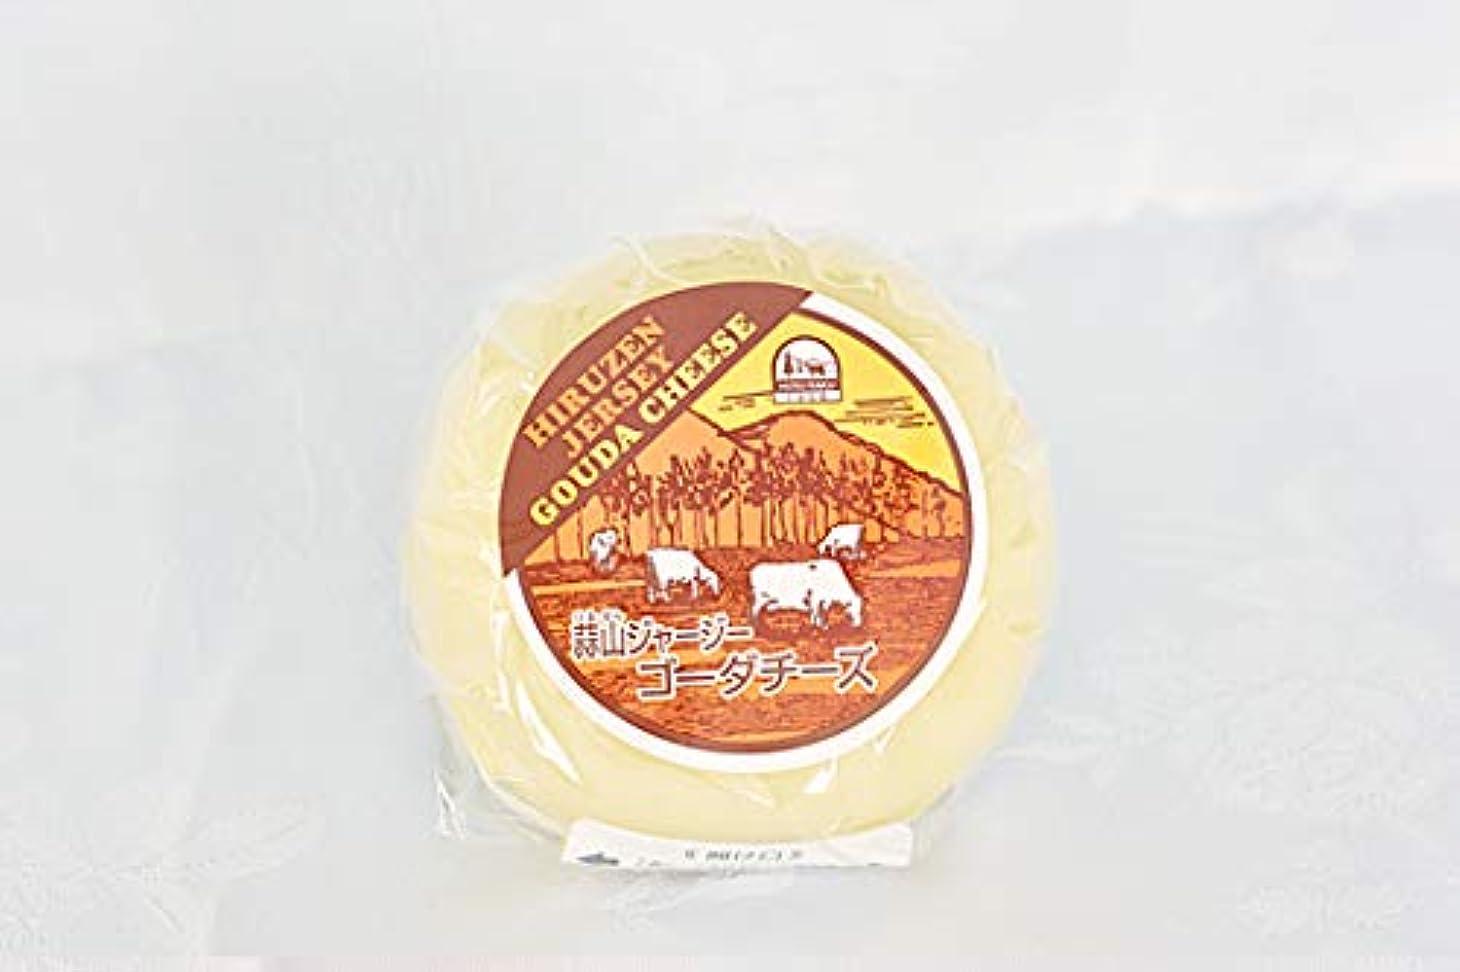 わな性別反響する蒜山ジャージーゴーダチーズ 箱なし200グラム×4 冷蔵